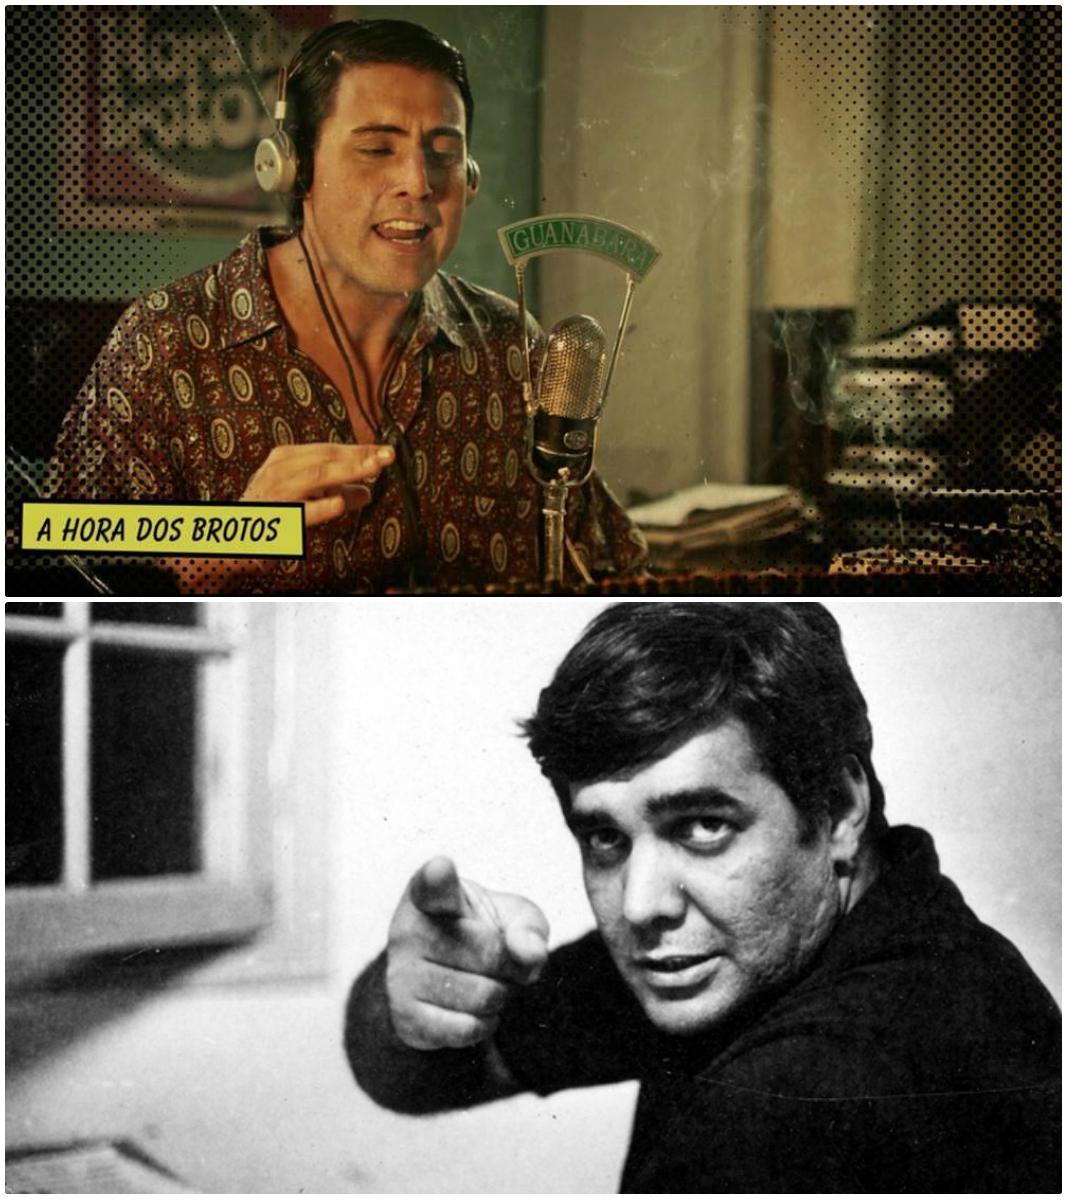 Bruno De Luca interpreta Carlos Imperial